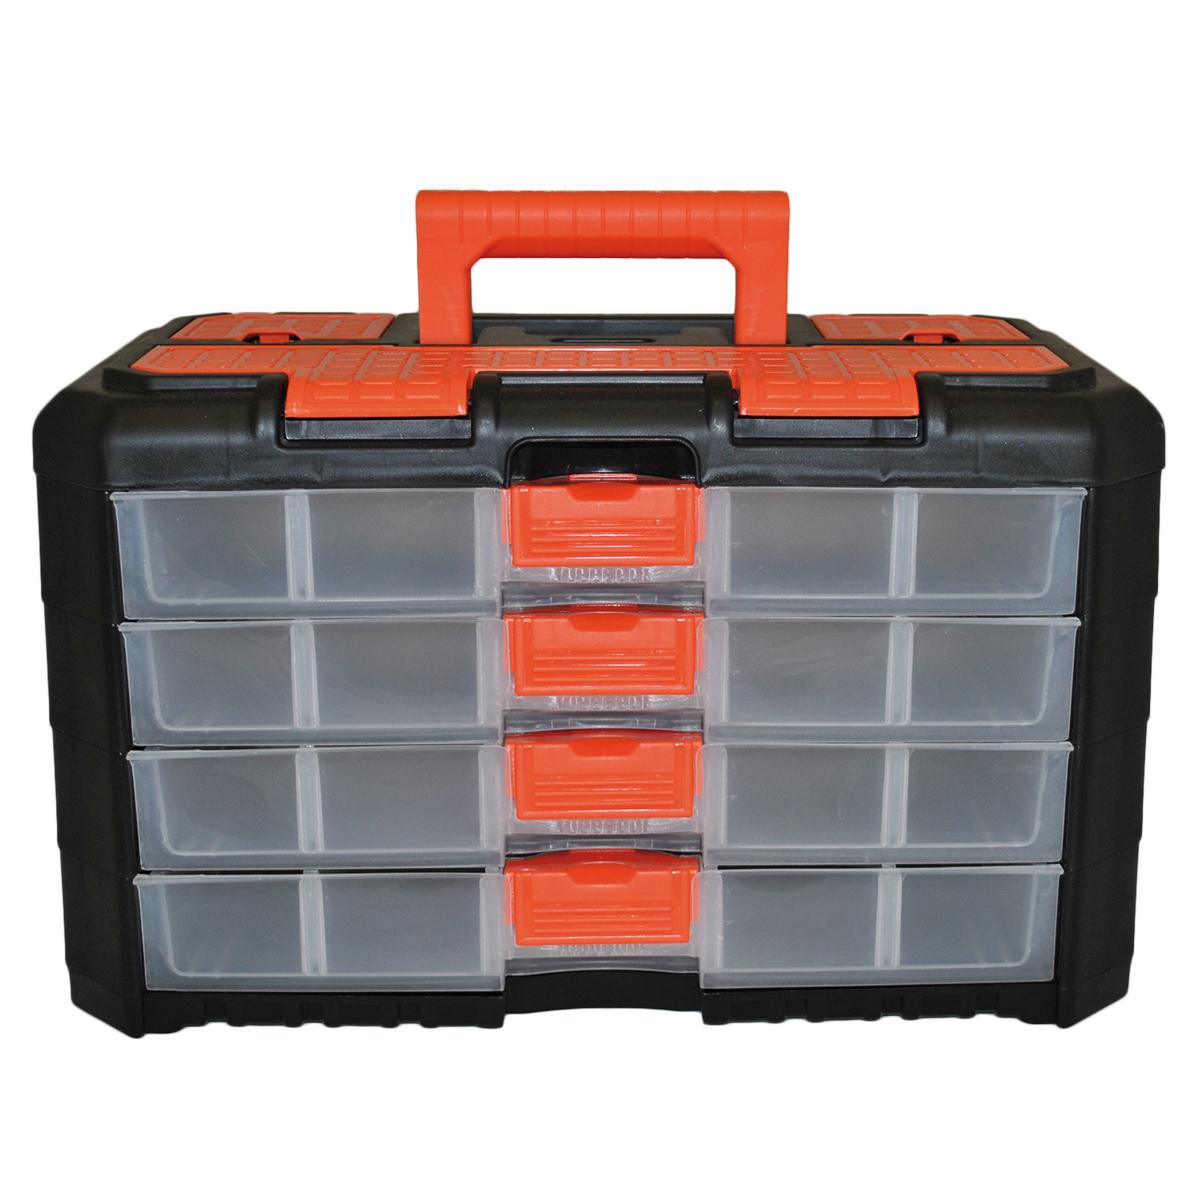 Органайзер для мелочей Blocker Grand, цвет: черный, оранжевый, 400 х 219 х 247 ммBR3737ЧРОРУниверсальный сет для мелочей Blocker Grand с ручкой для переноски выполнен из высококачественного полипропилена. Секции фиксируются замками, которые надежно защищают от случайного открывания. Внутри секции разделены съемными перегородками, что позволяет организовать внутреннее пространство в зависимости от потребностей и делает сет пригодным для хранения не только мелочей, но и предметов средней величины. Встроенные секции на крышке подходят для хранения скобяных изделий.